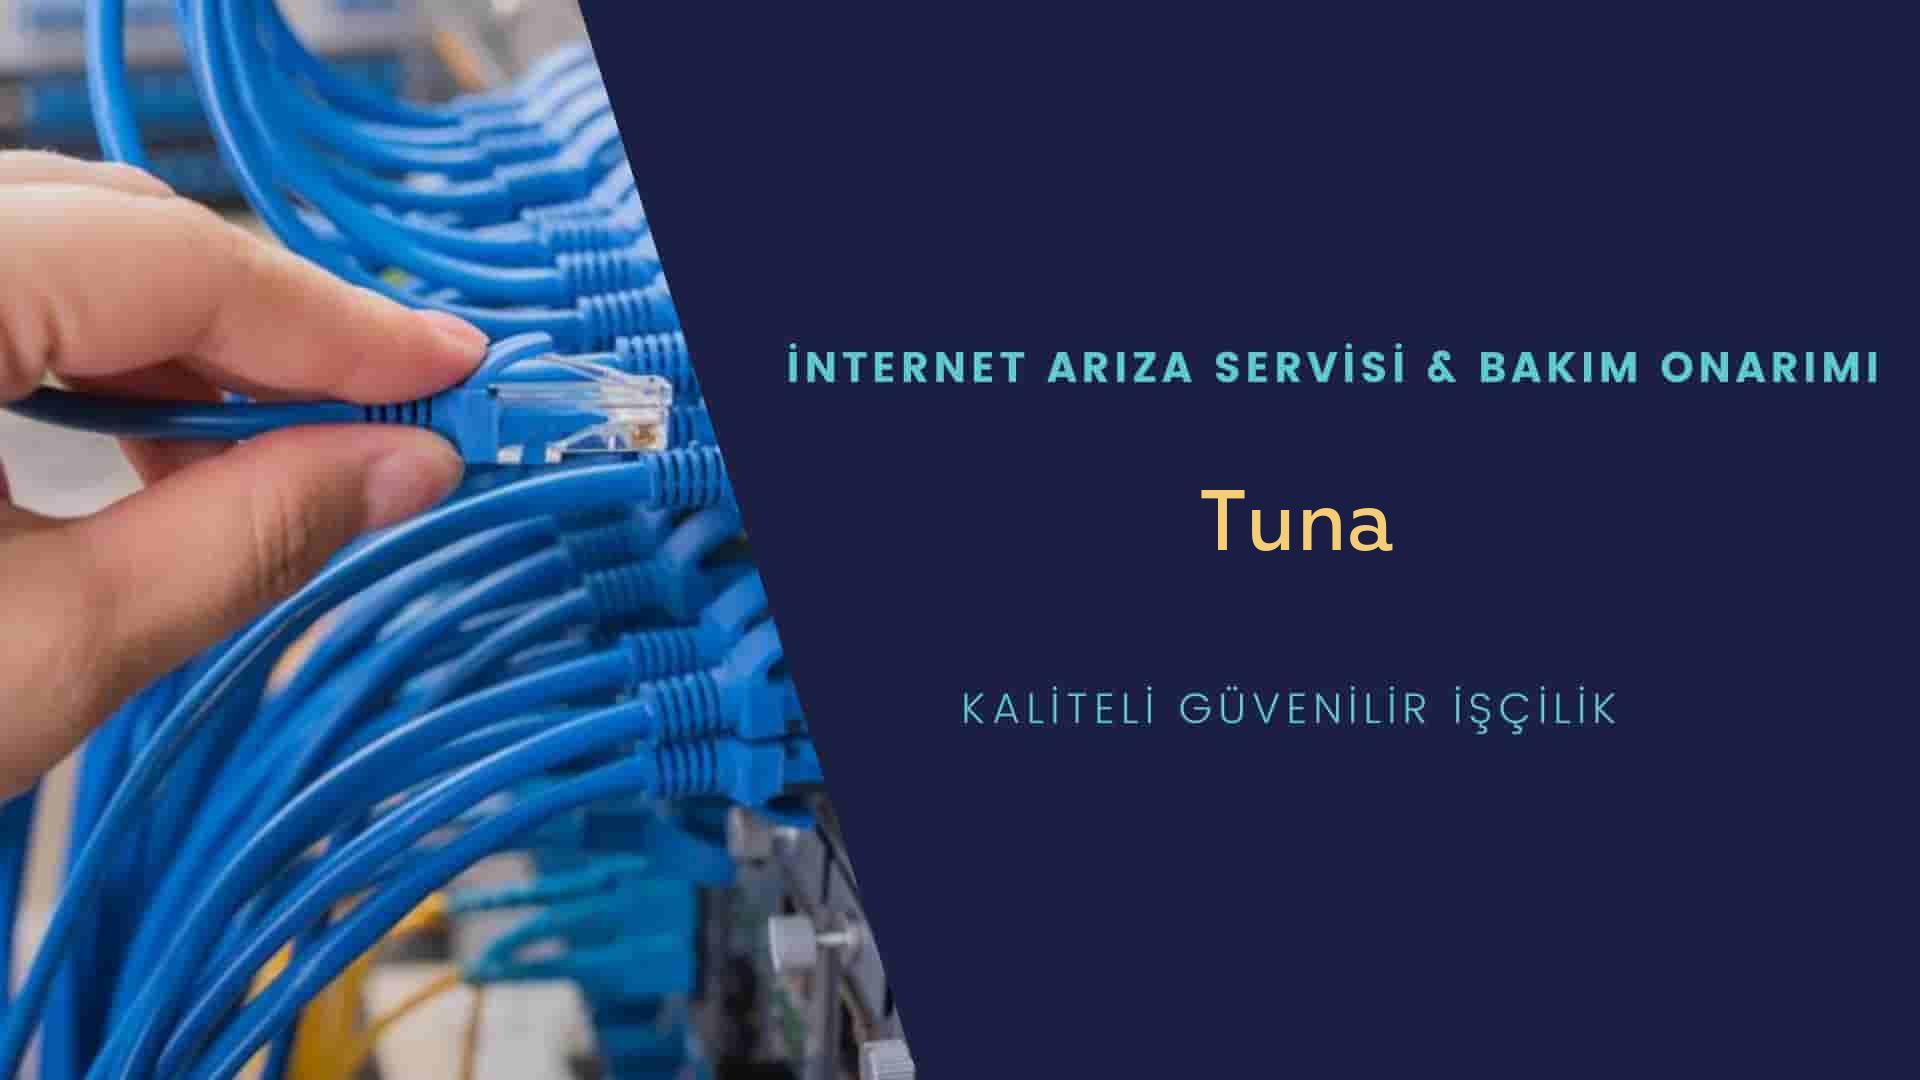 Tuna  internet kablosu çekimi yapan yerler veya elektrikçiler mi? arıyorsunuz doğru yerdesiniz o zaman sizlere 7/24 yardımcı olacak profesyonel ustalarımız bir telefon kadar yakındır size.